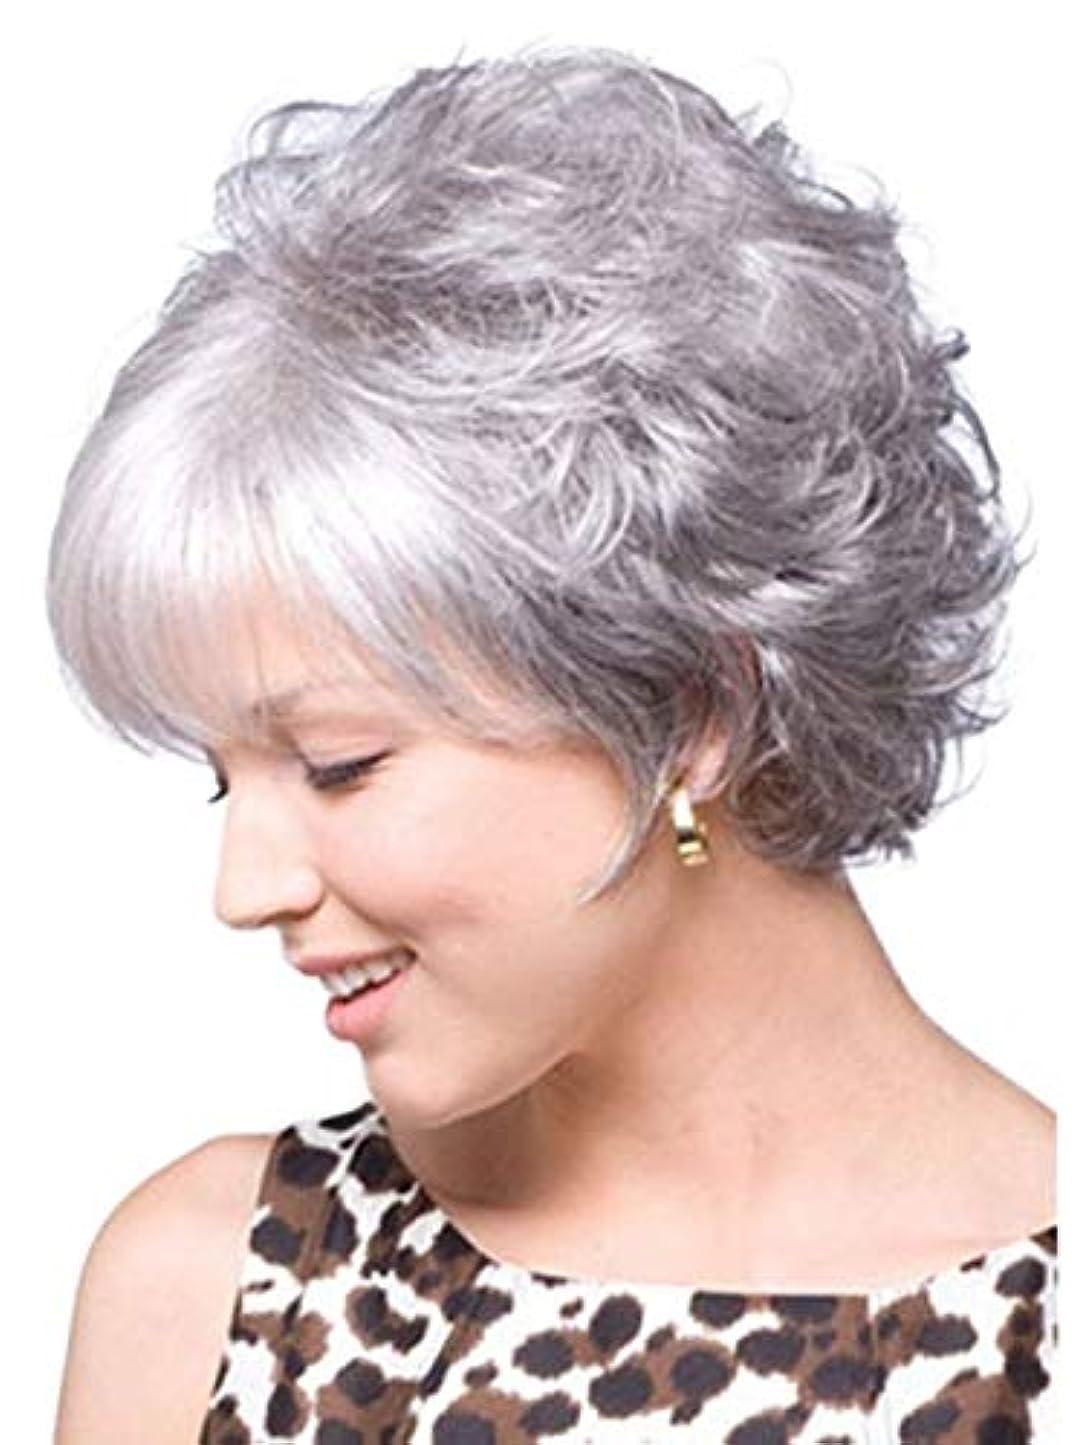 示すビスケットひいきにするウィッグキャップ付きパーティーコスプレ用女性ショートシルバーグレーヘアウィッグ (Color : Gray+Silver)